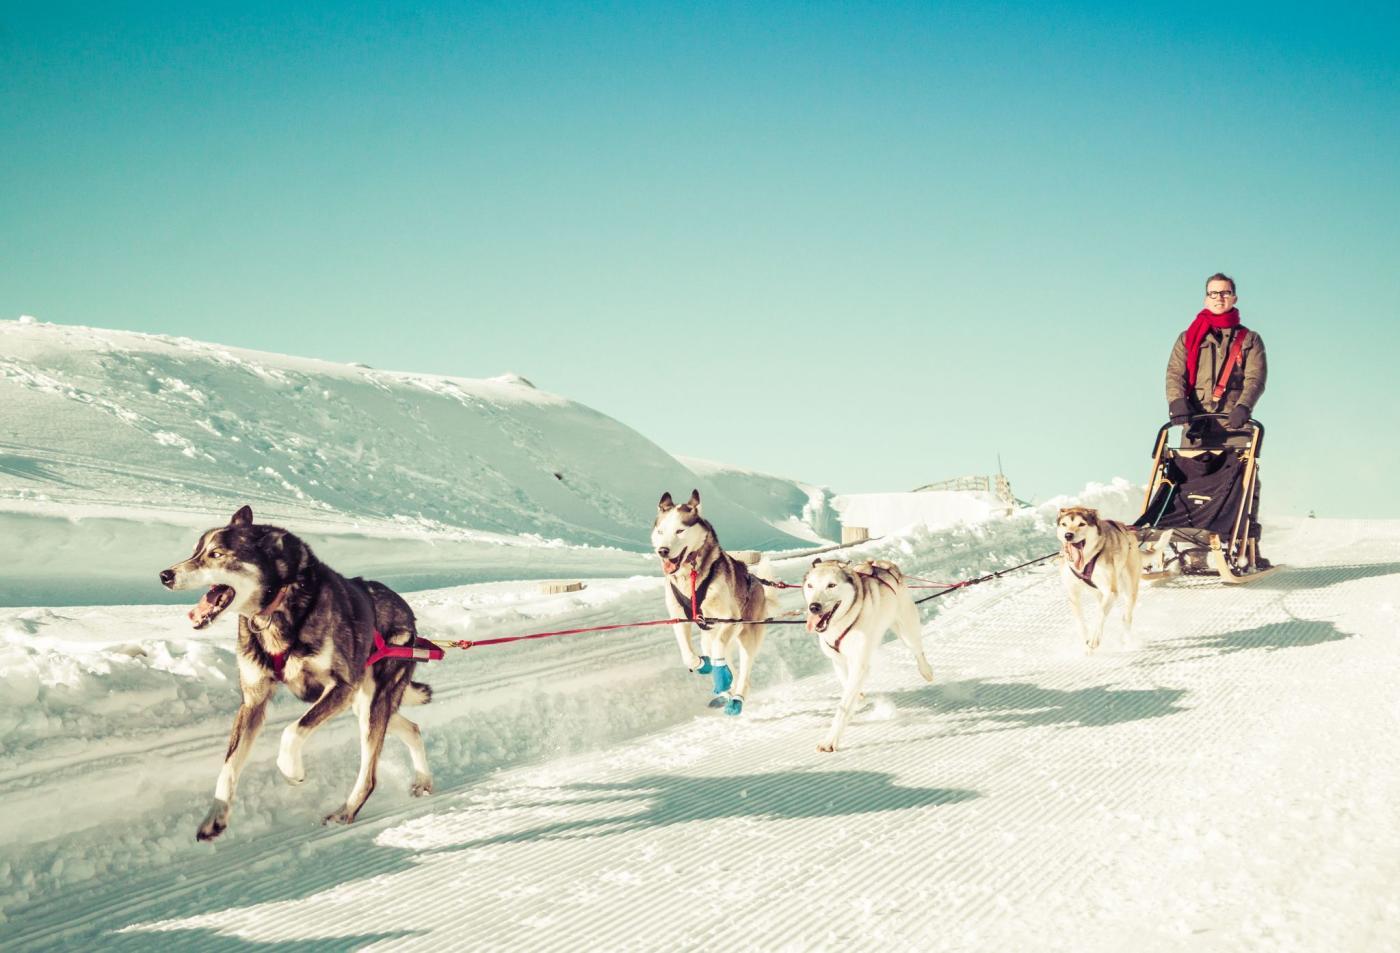 Man dog sledding